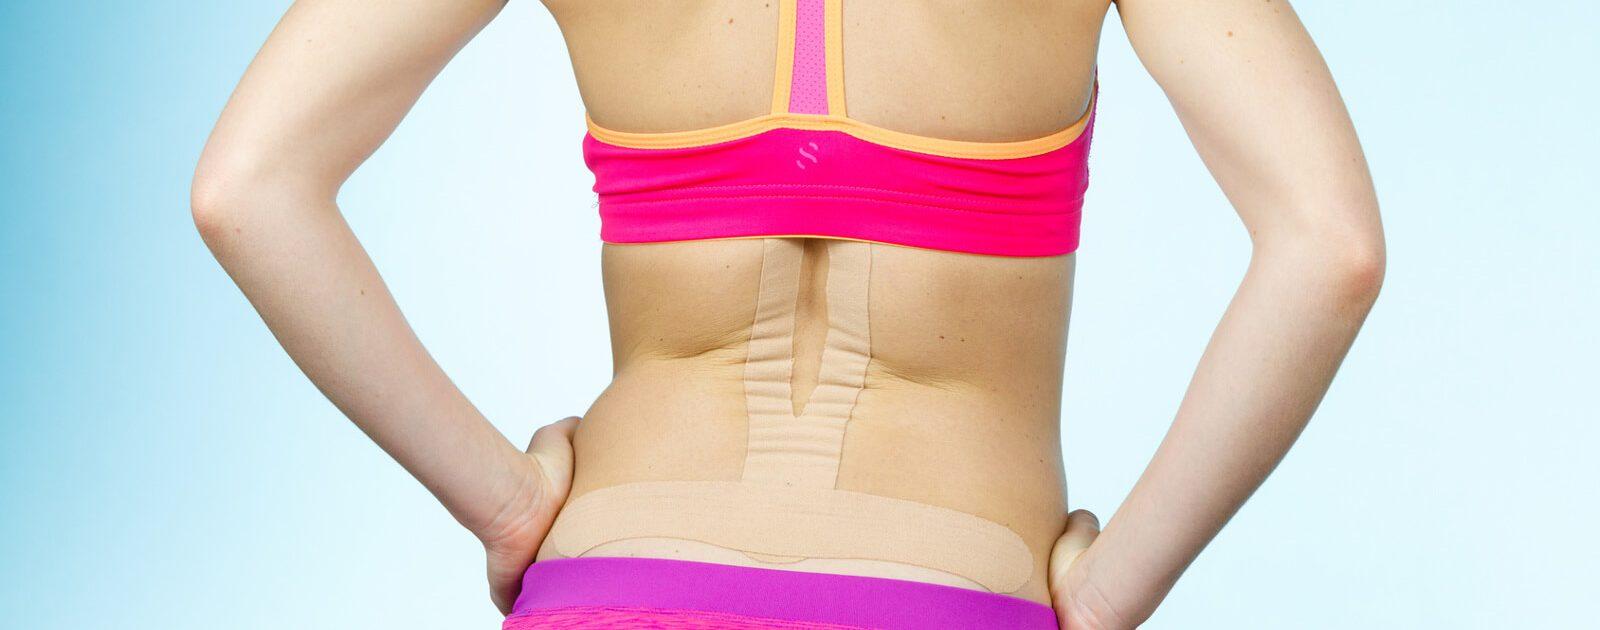 Gegen Rückenschmerzen werden in der Kinesiologie oft sogenannte Kinesio-Tapes eingesetzt